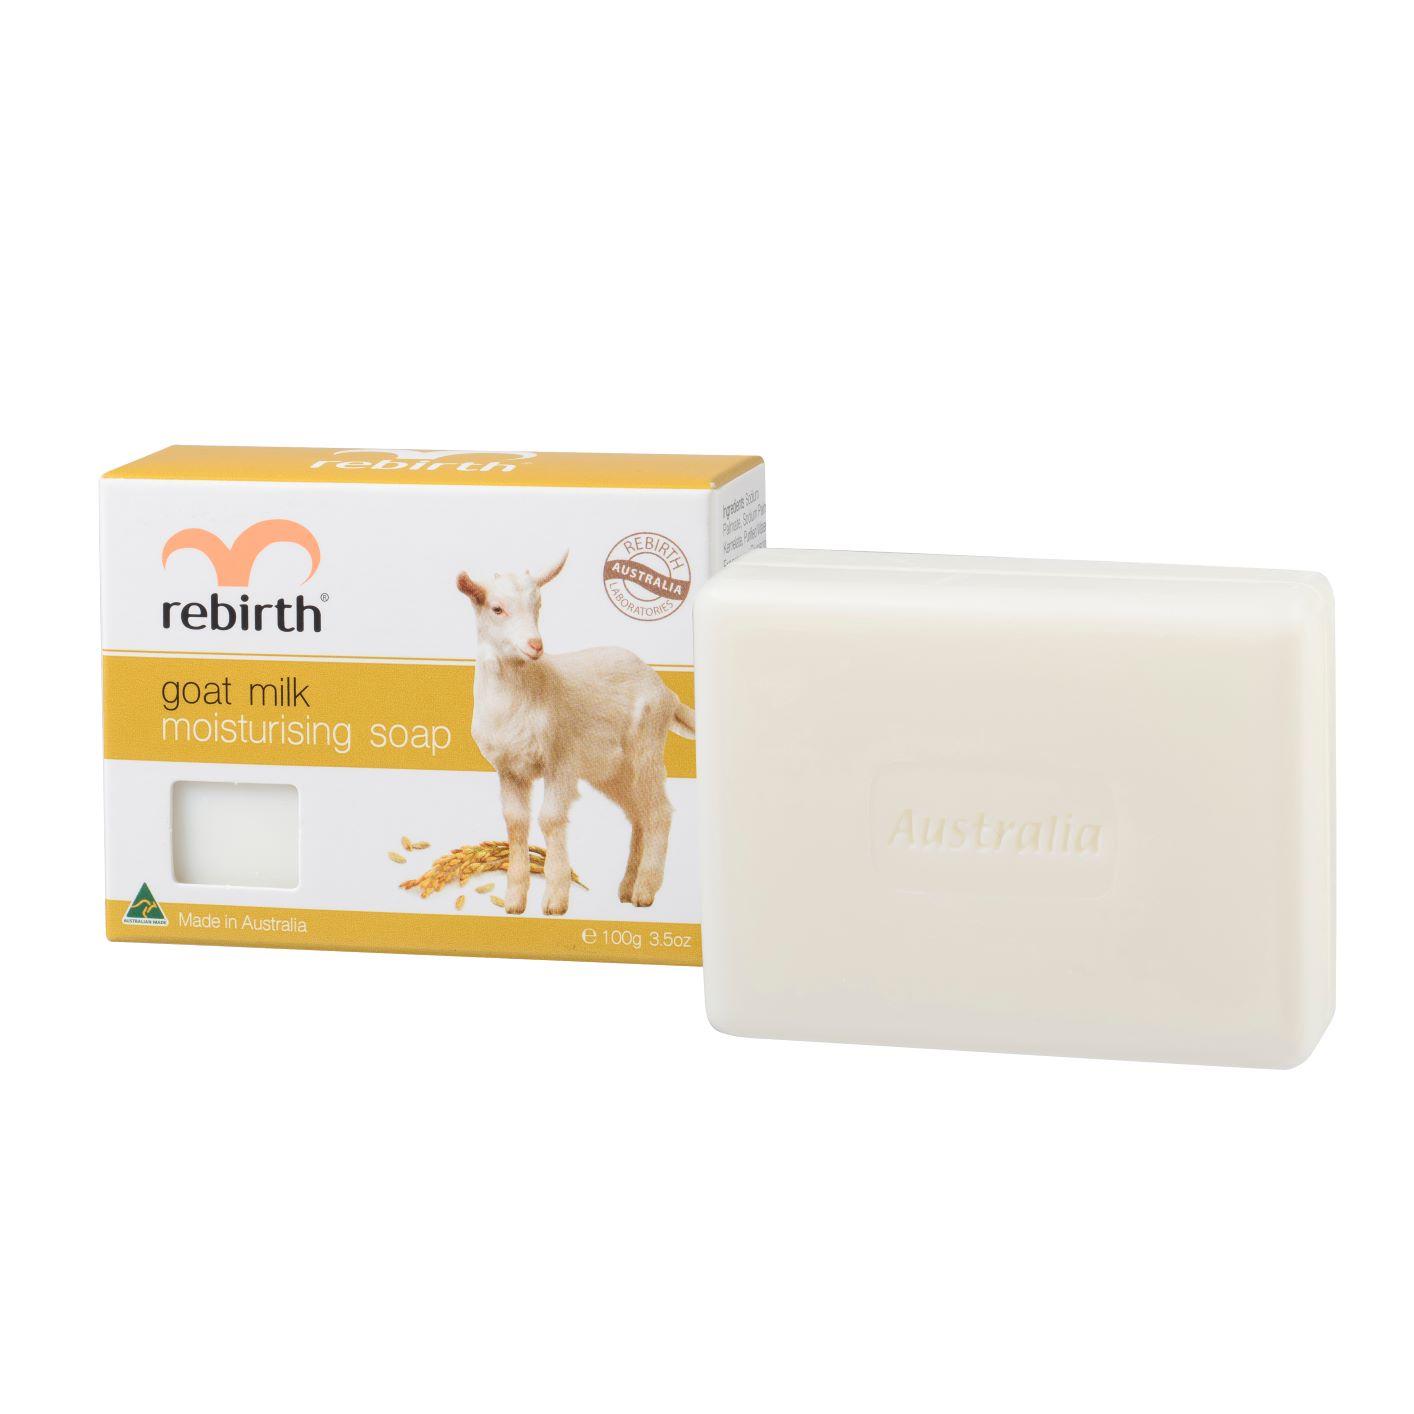 Rebirth Мыло туалетное твердое увлажняющее на основе козьего молока GOAT MILK MOISTURISING SOAP 100гр кабрита 2 голд смесь молочная для детей на козьем молоке 400г